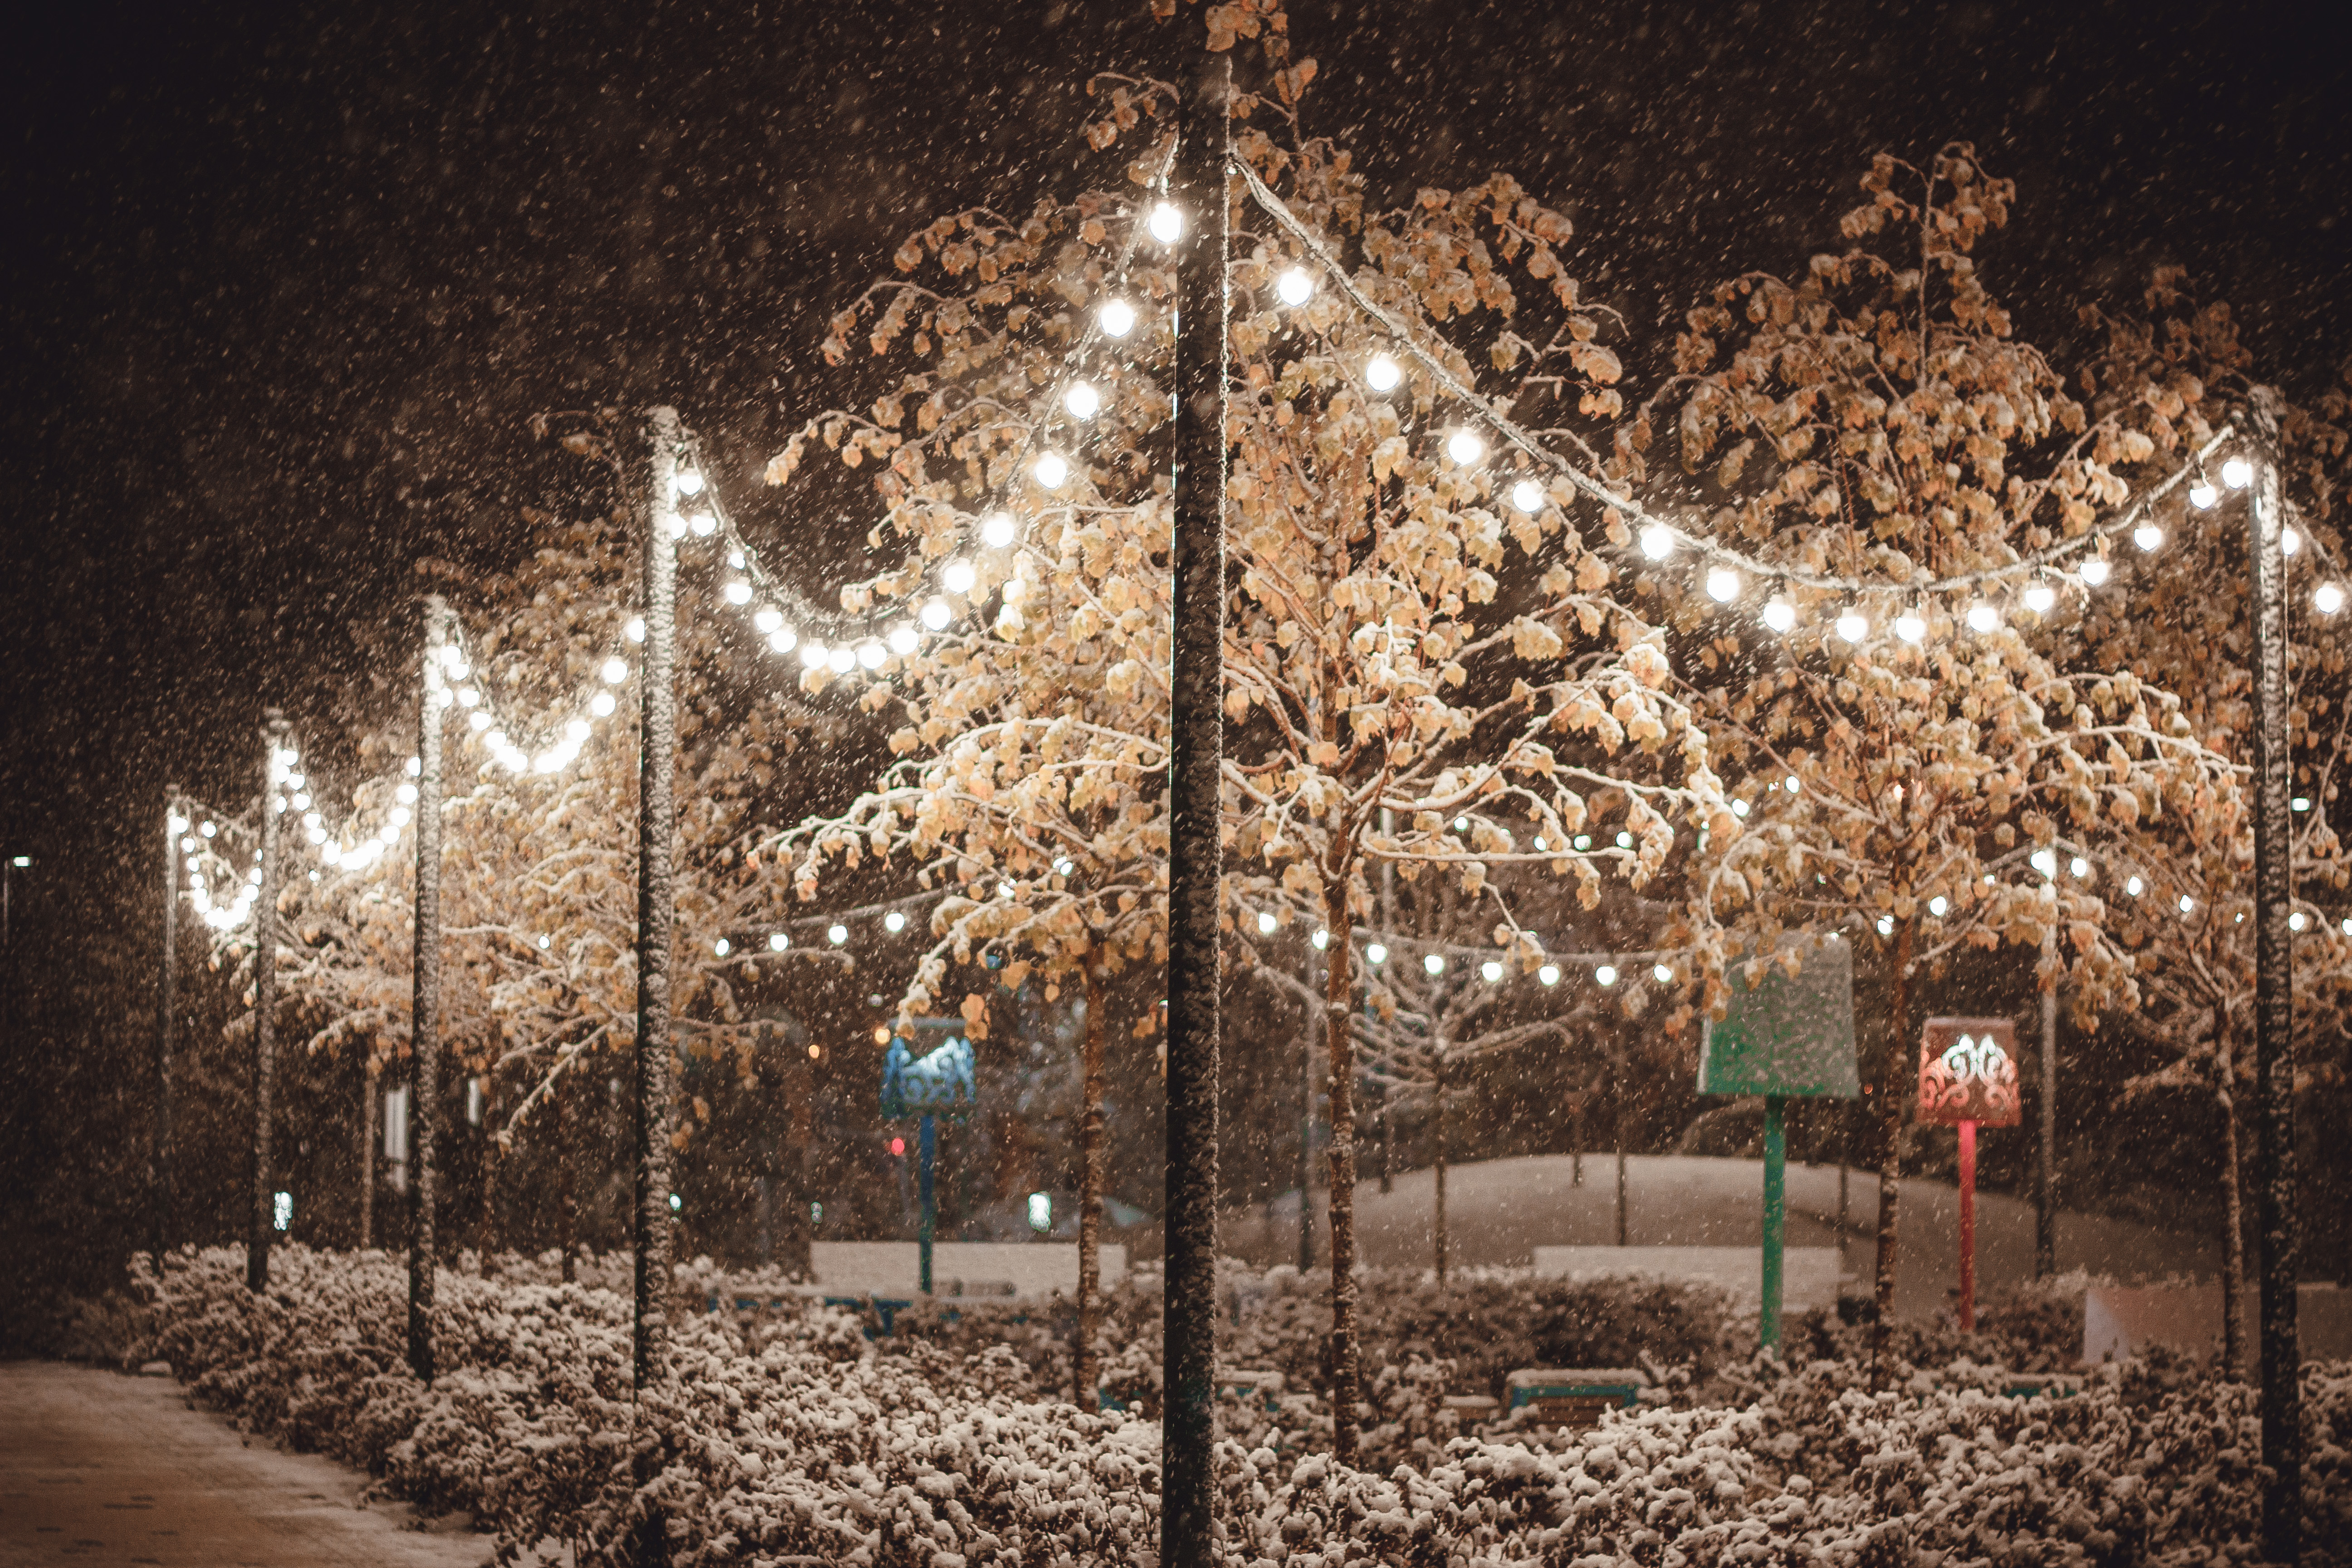 trees between lights